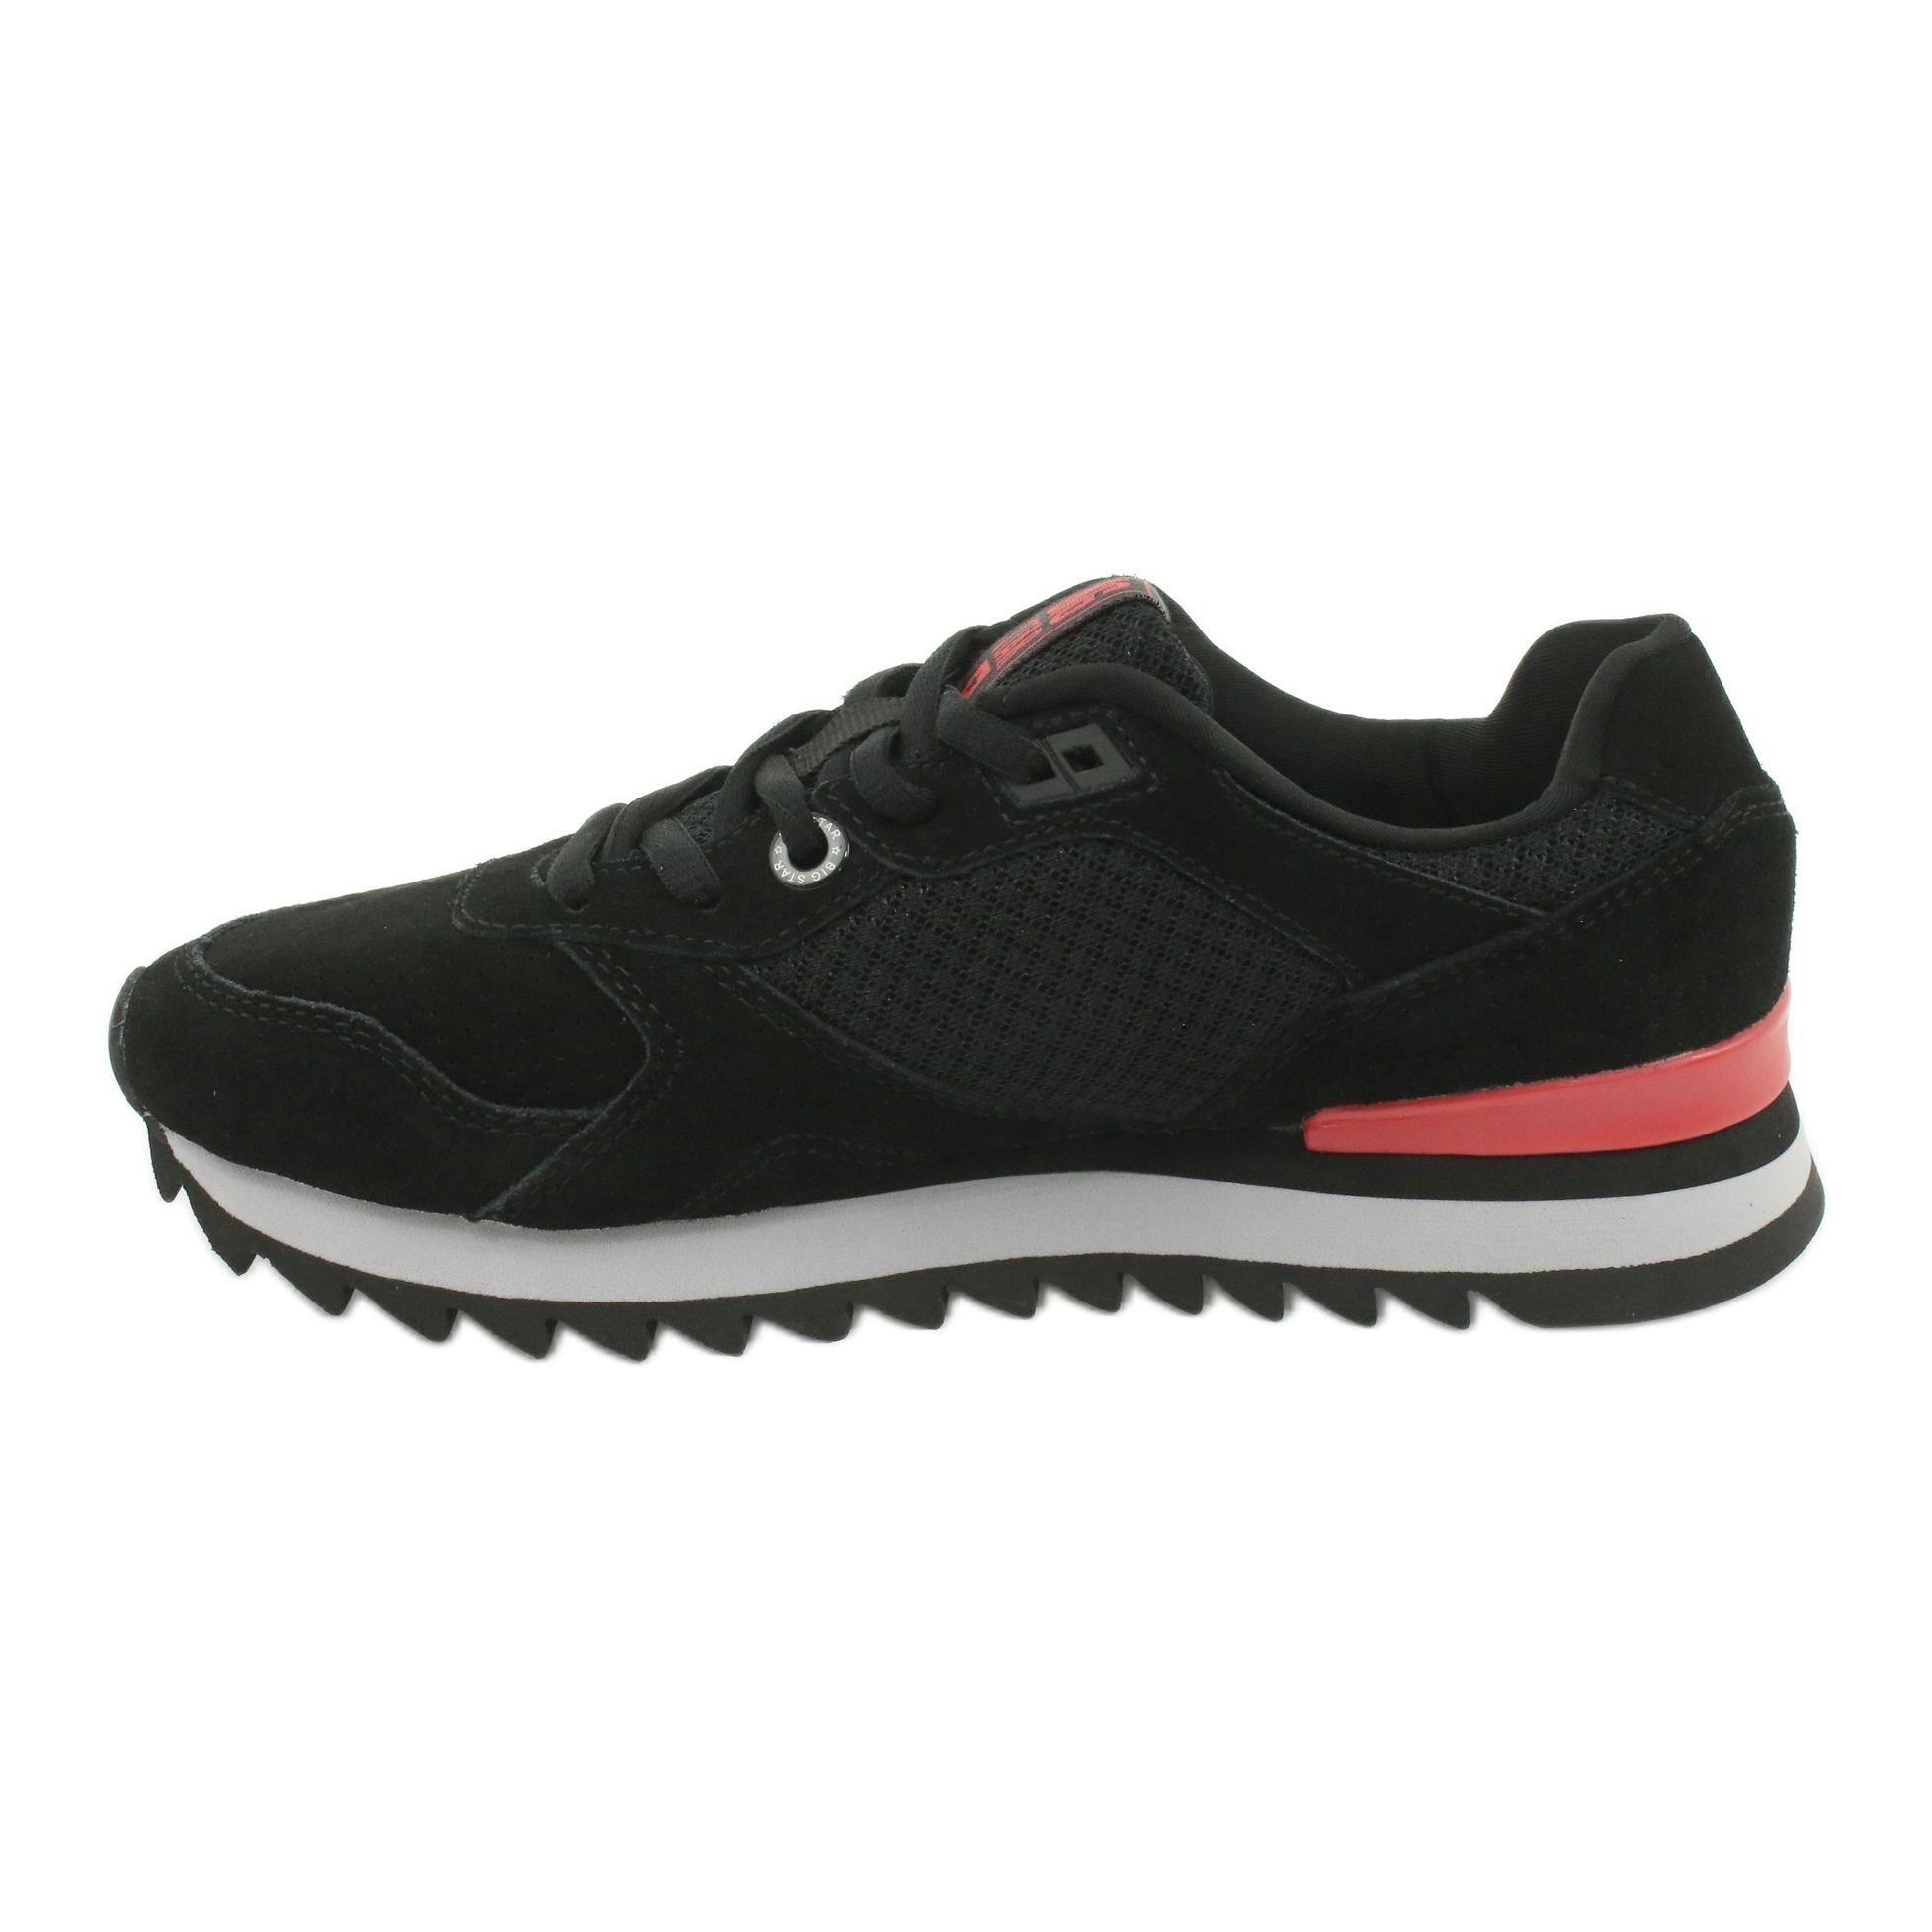 miniature 2 - Chaussures de sport BIG STAR GG274524 noir rouge